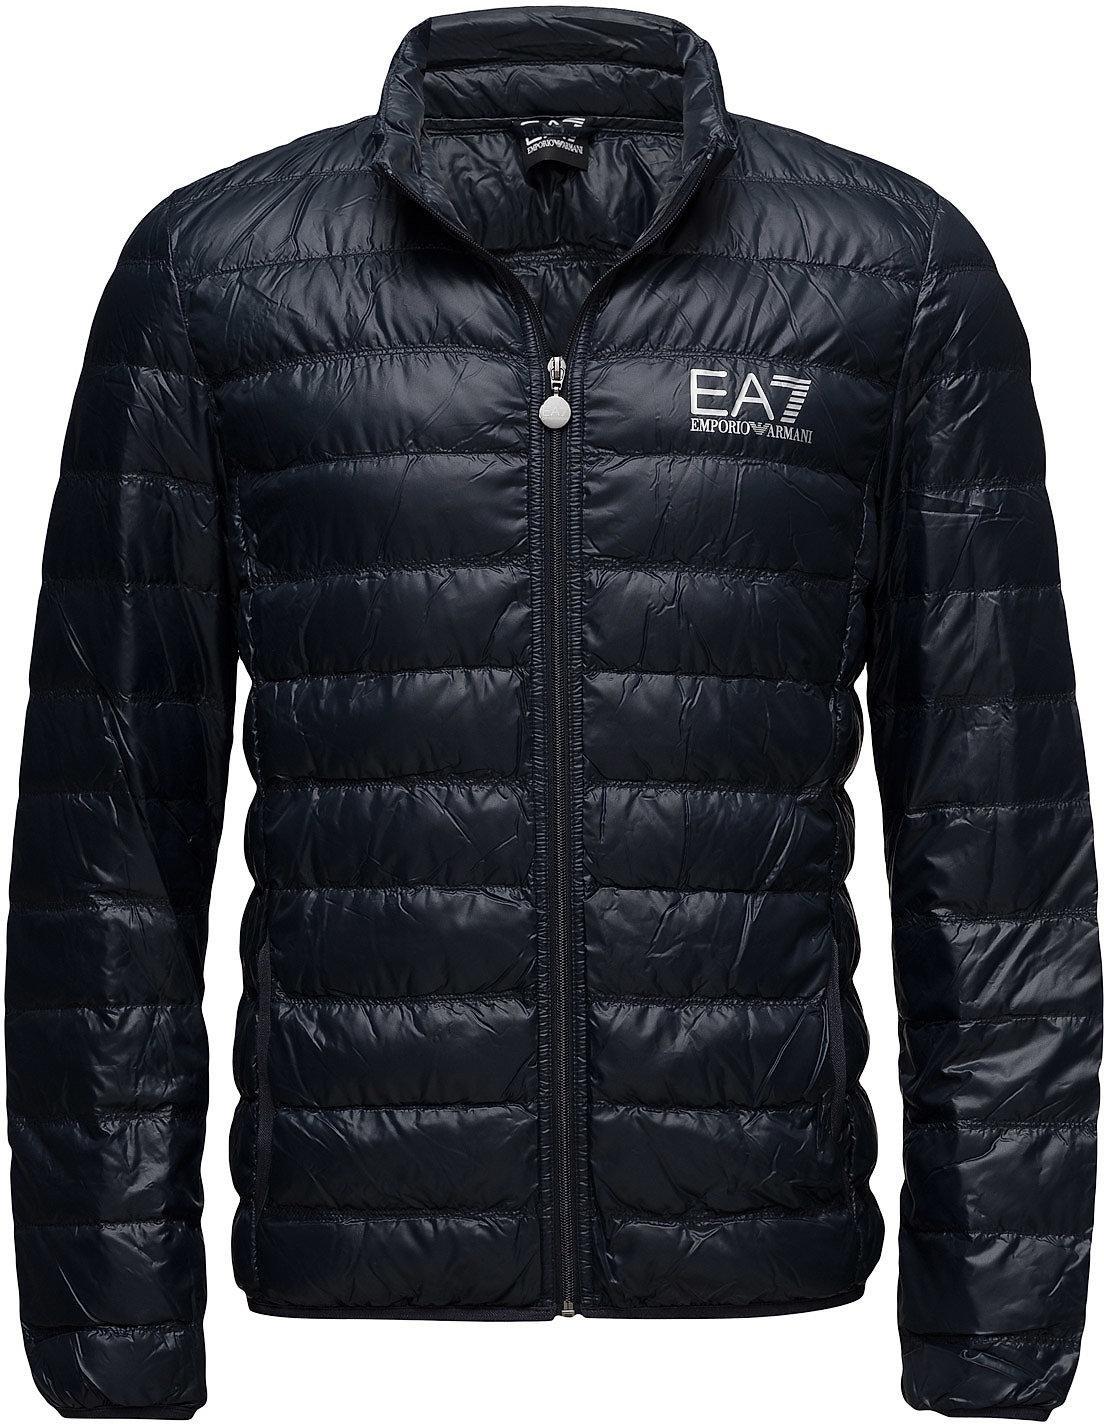 Best pris på EA7 Giacca Piumino Fôret Jakke Se priser før kjøp